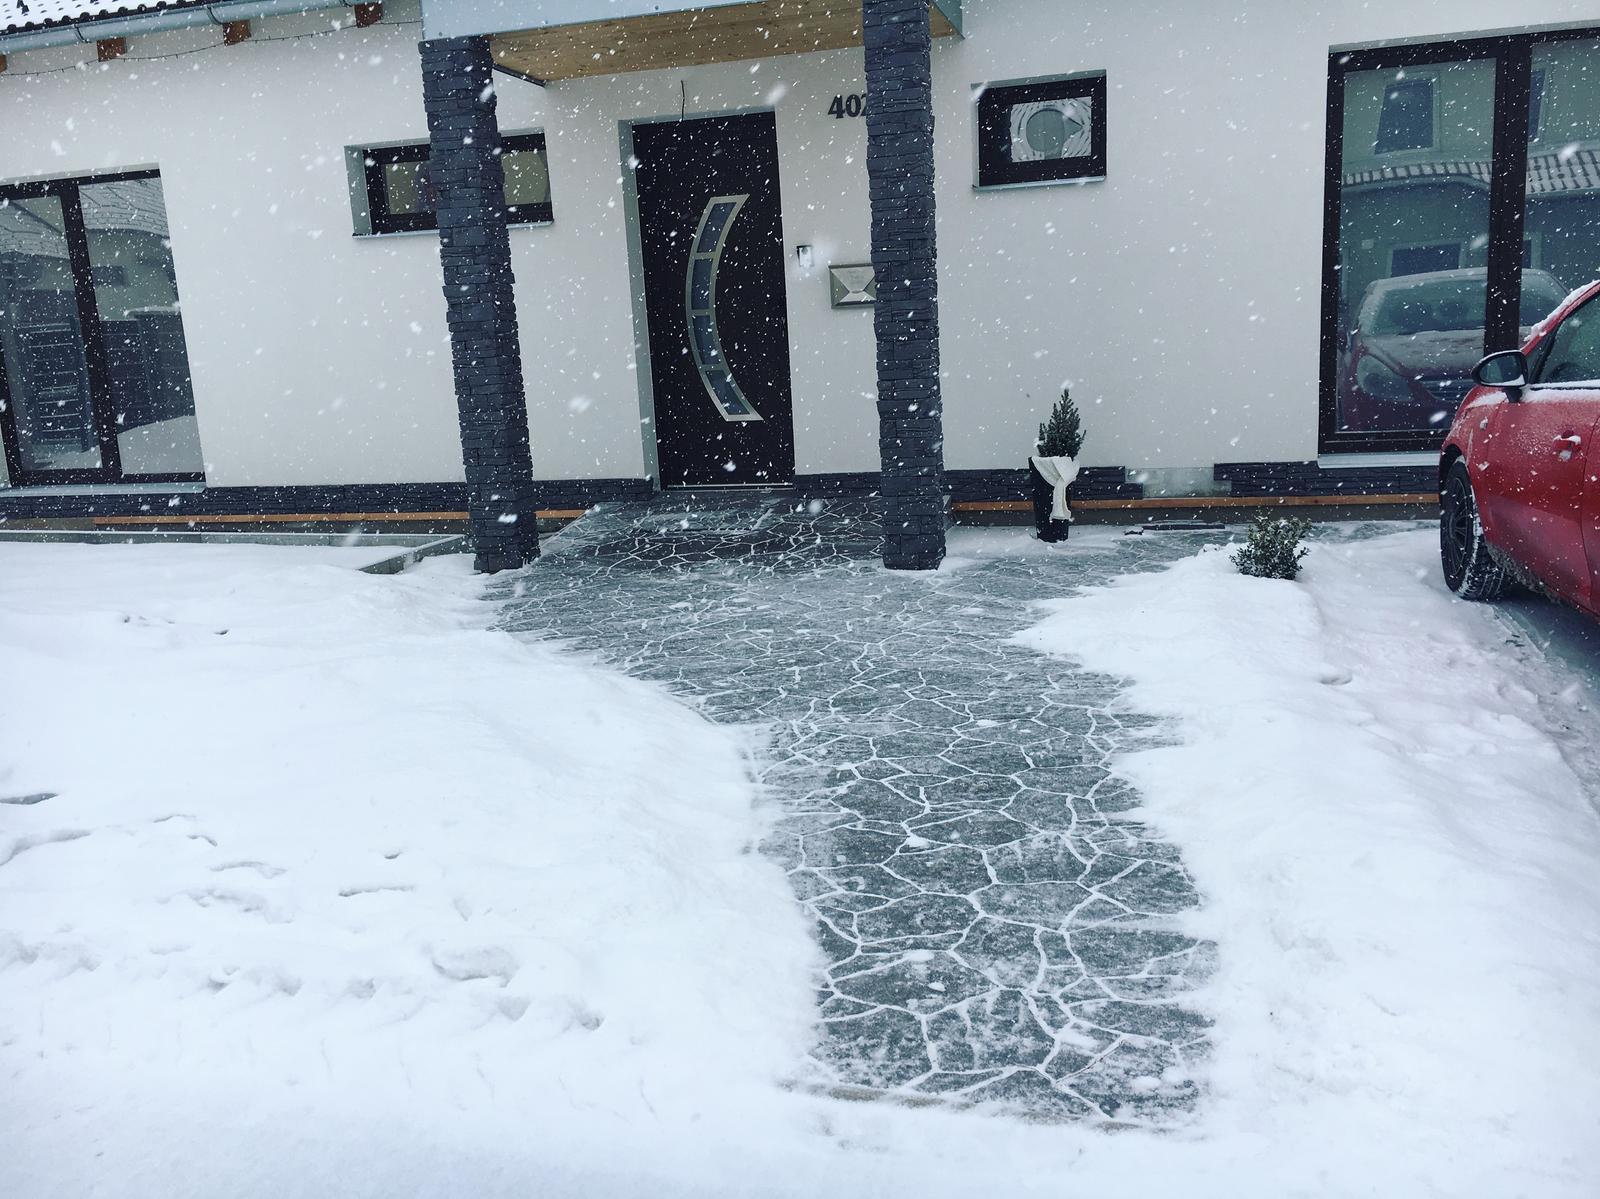 Exteriér domu snů - 7 tydnu vkuse tu máme sníh a dnes mi to začalo uz vadit 😄Každých 15 minut muzu zametat znovu a znovu